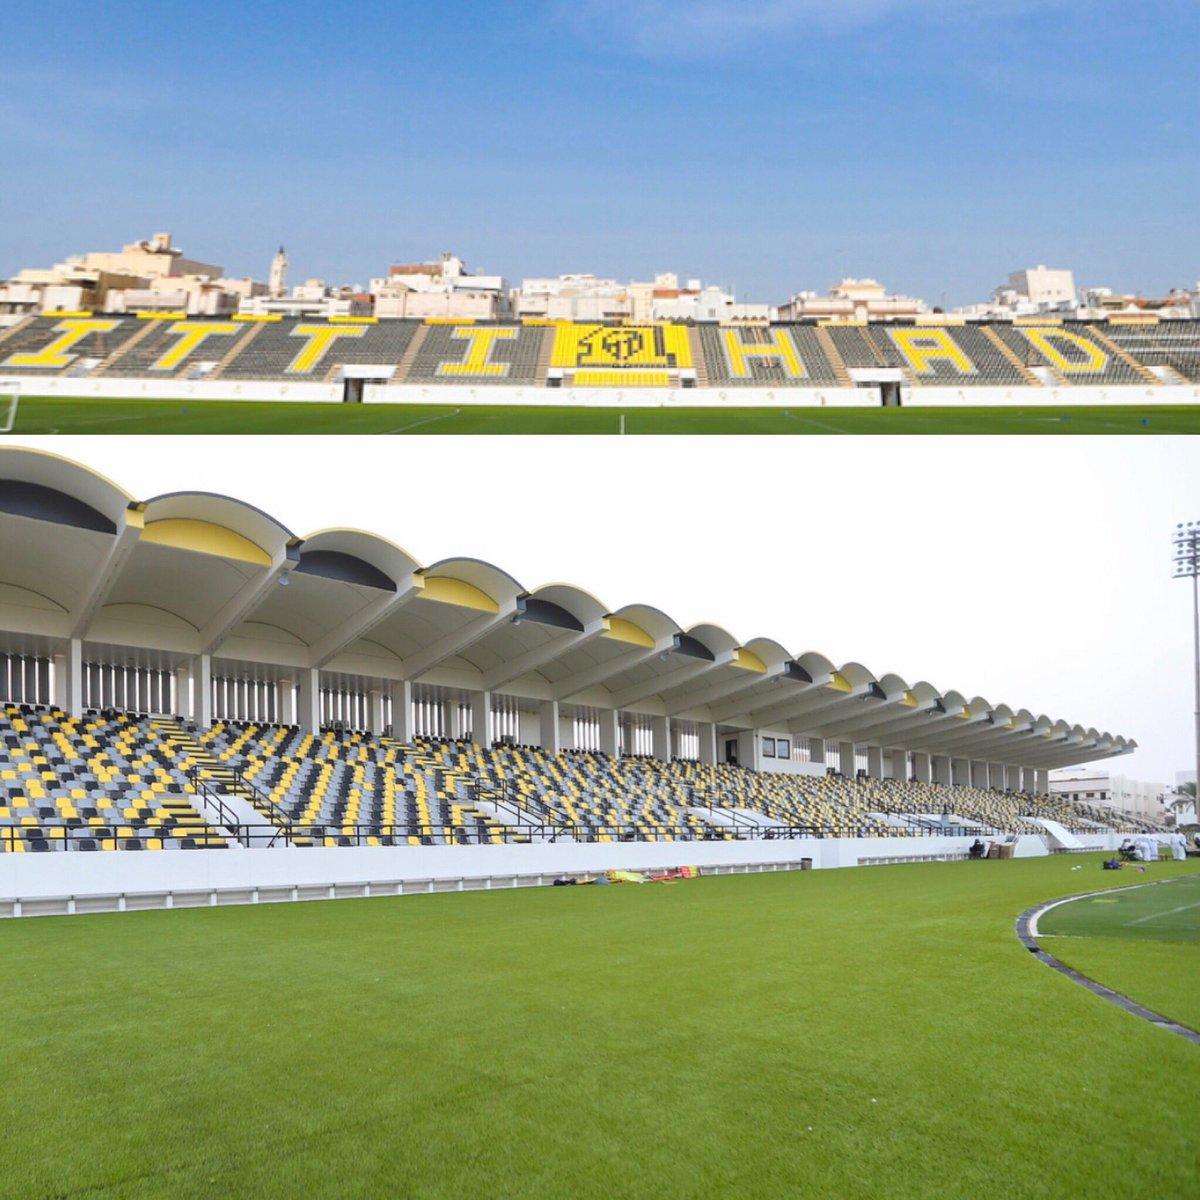 المدرج الذهبي On Twitter هذا هو شكل ملعب نادي الاتحاد بعد تركيب الكراسي بشكل كامل